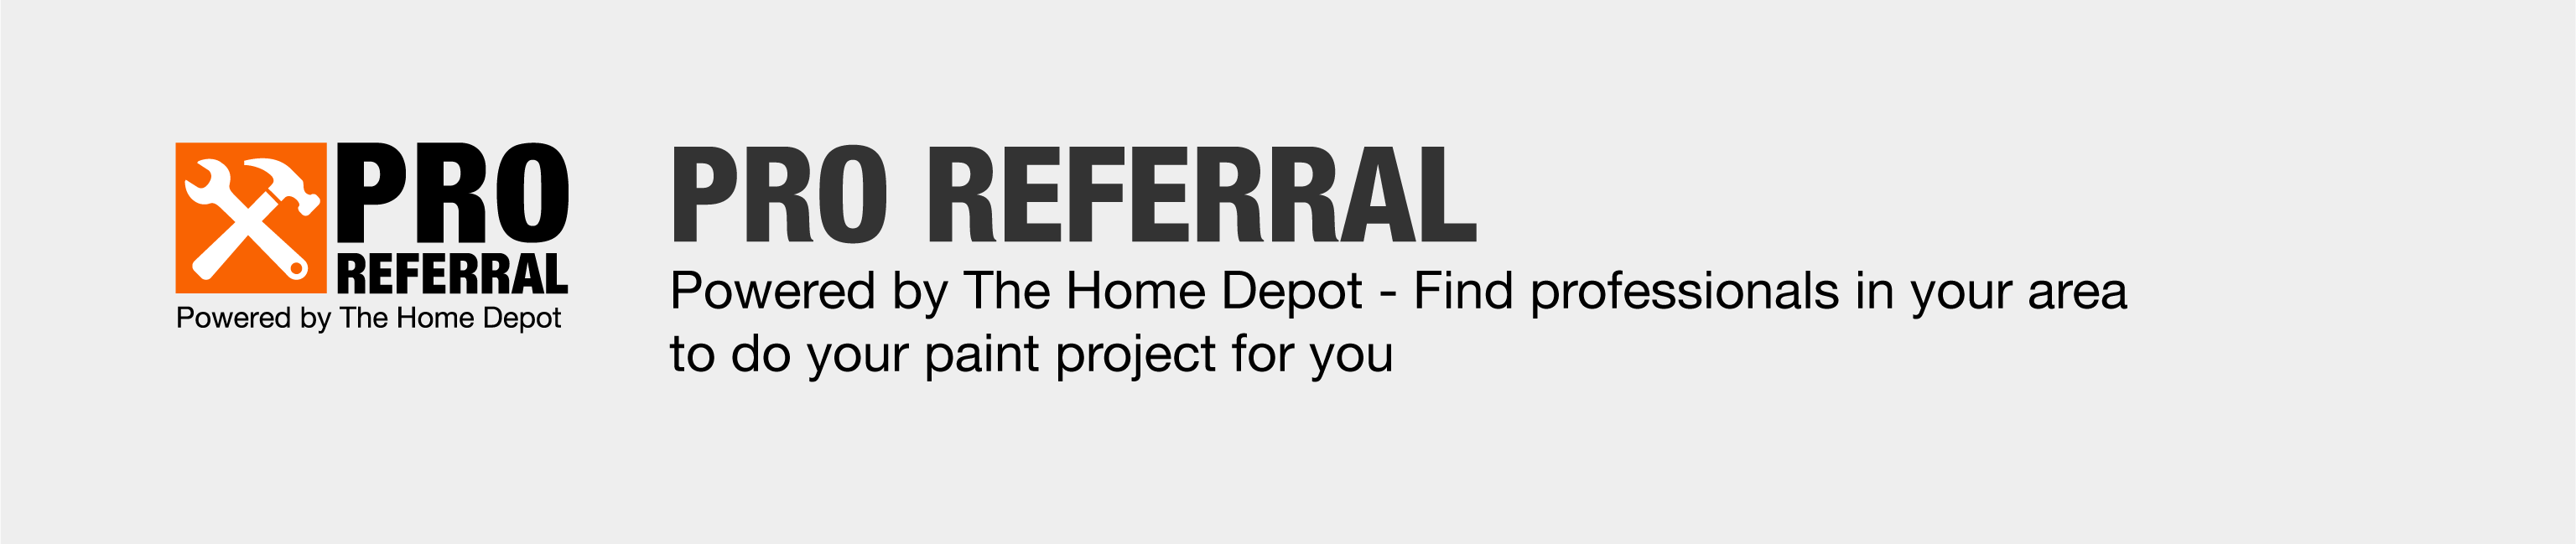 Pro Referral